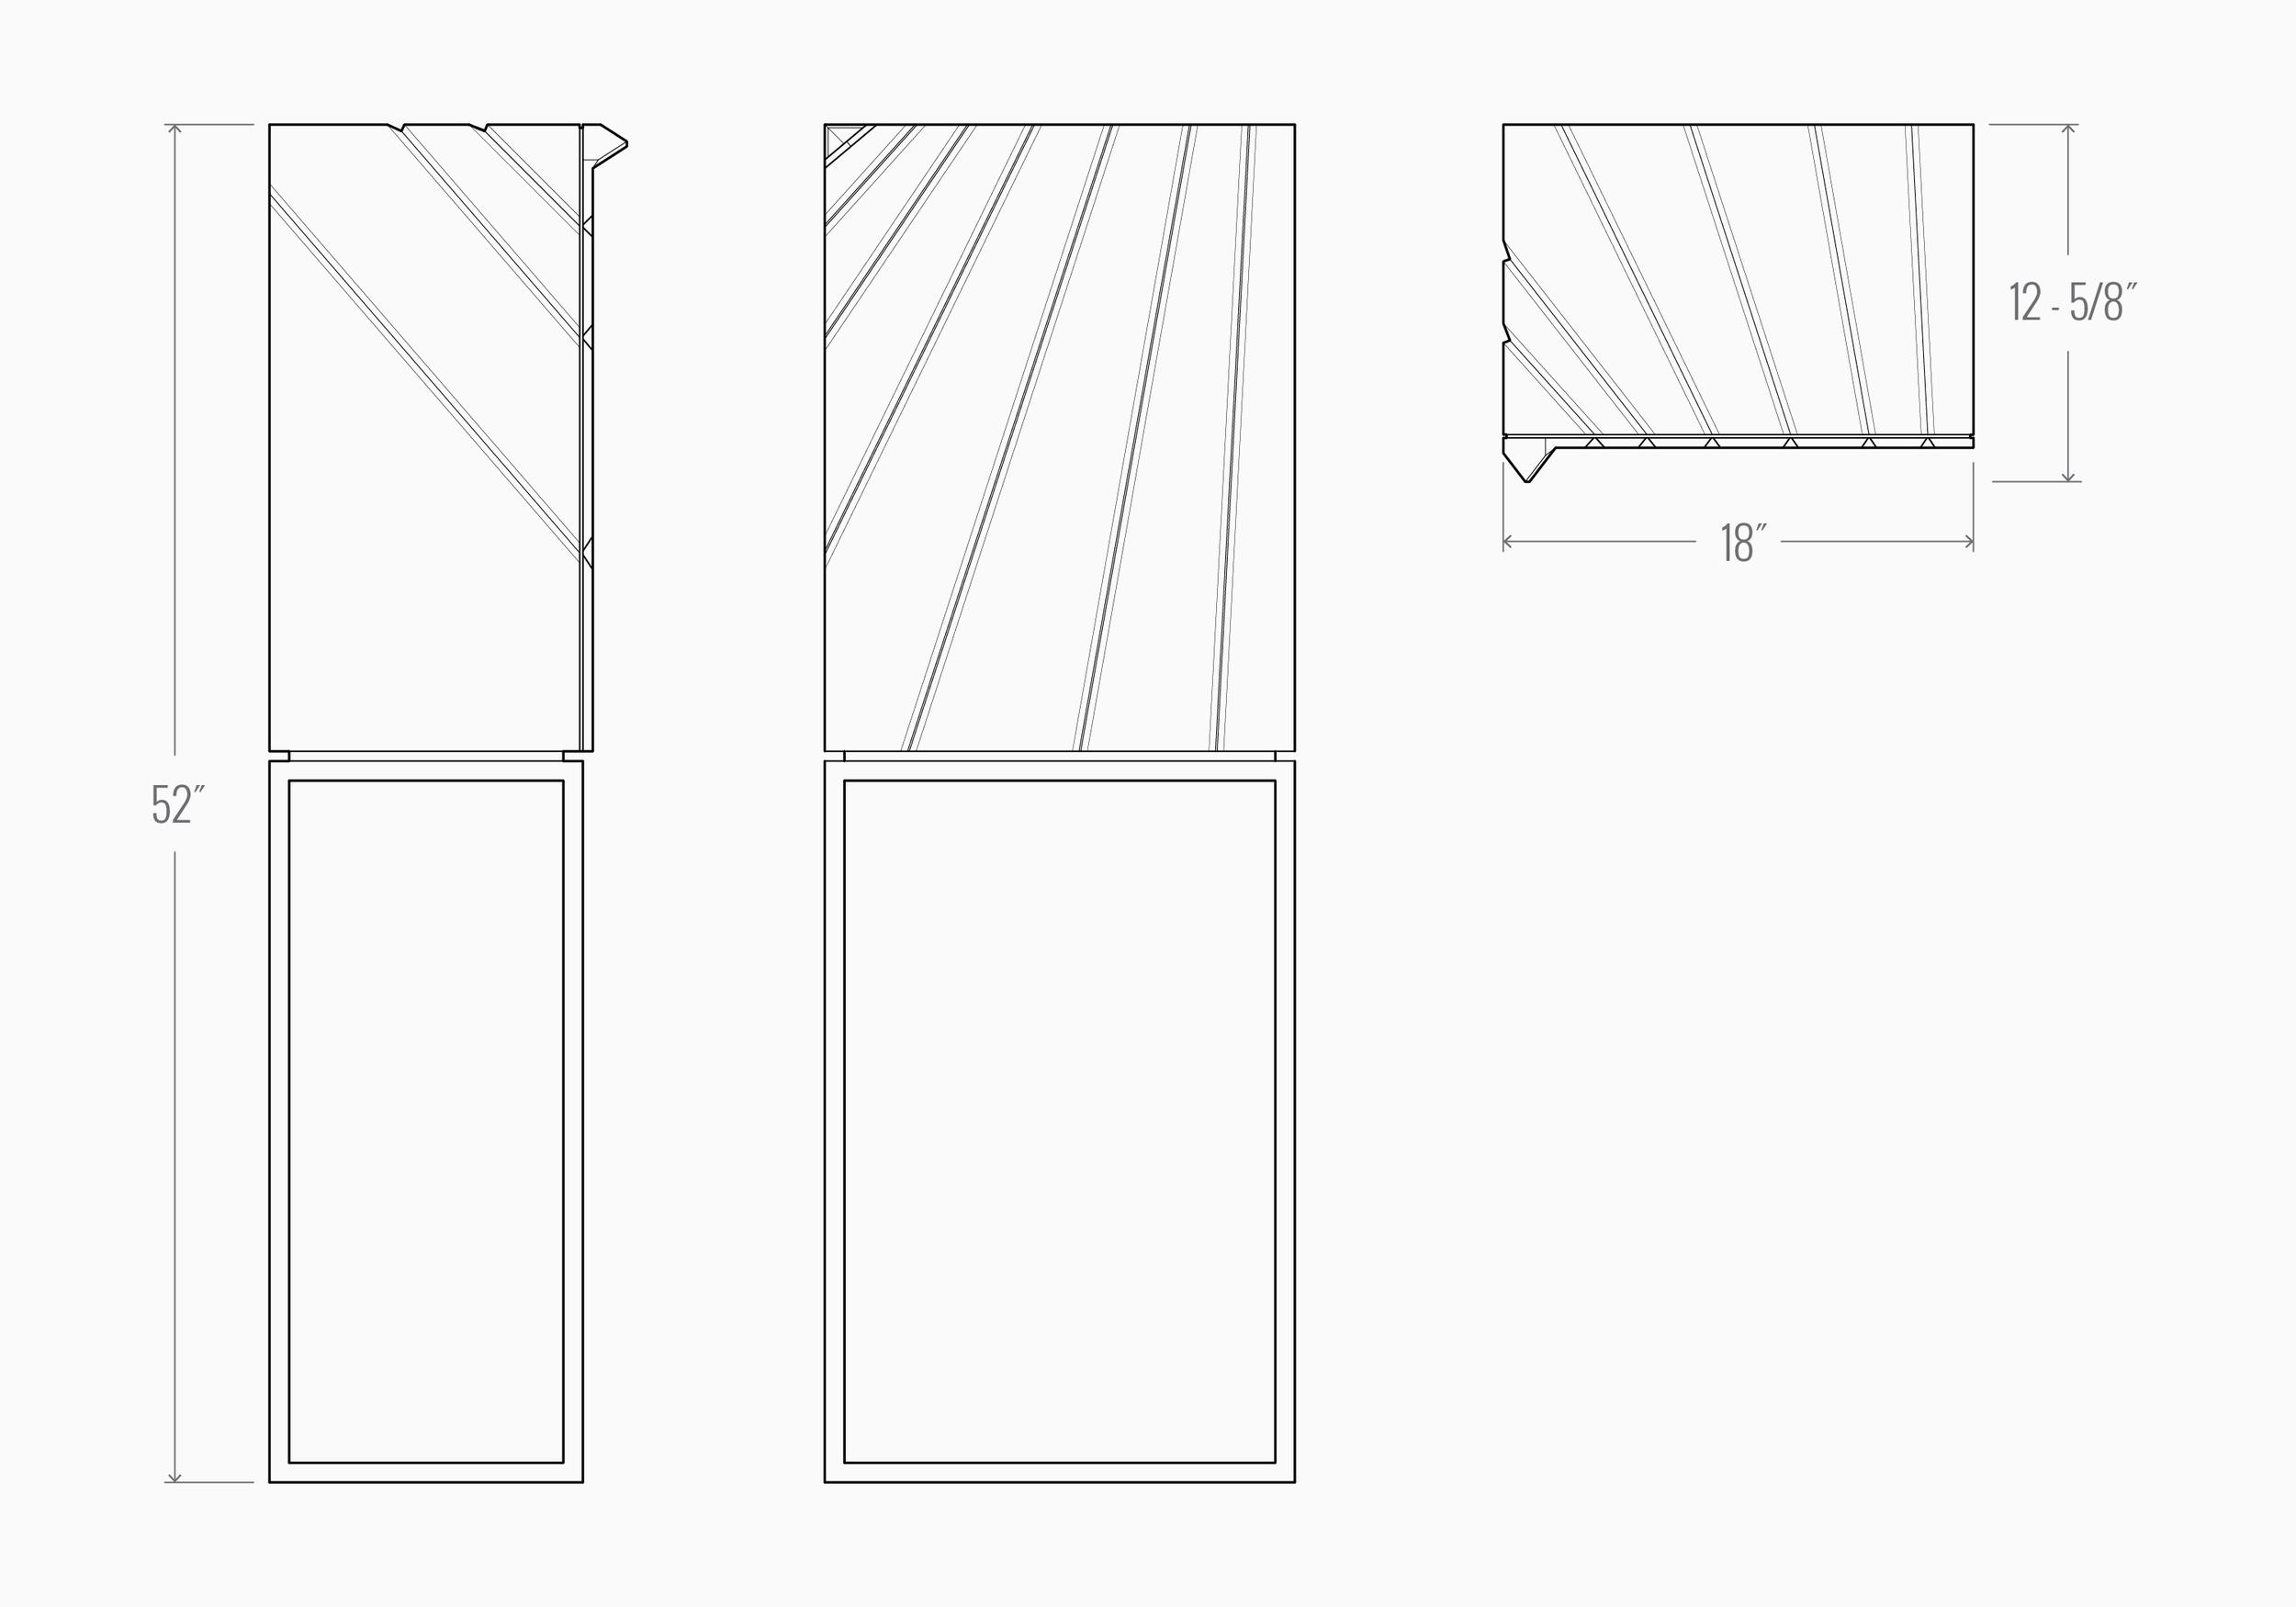 Peel Dimensions.jpg